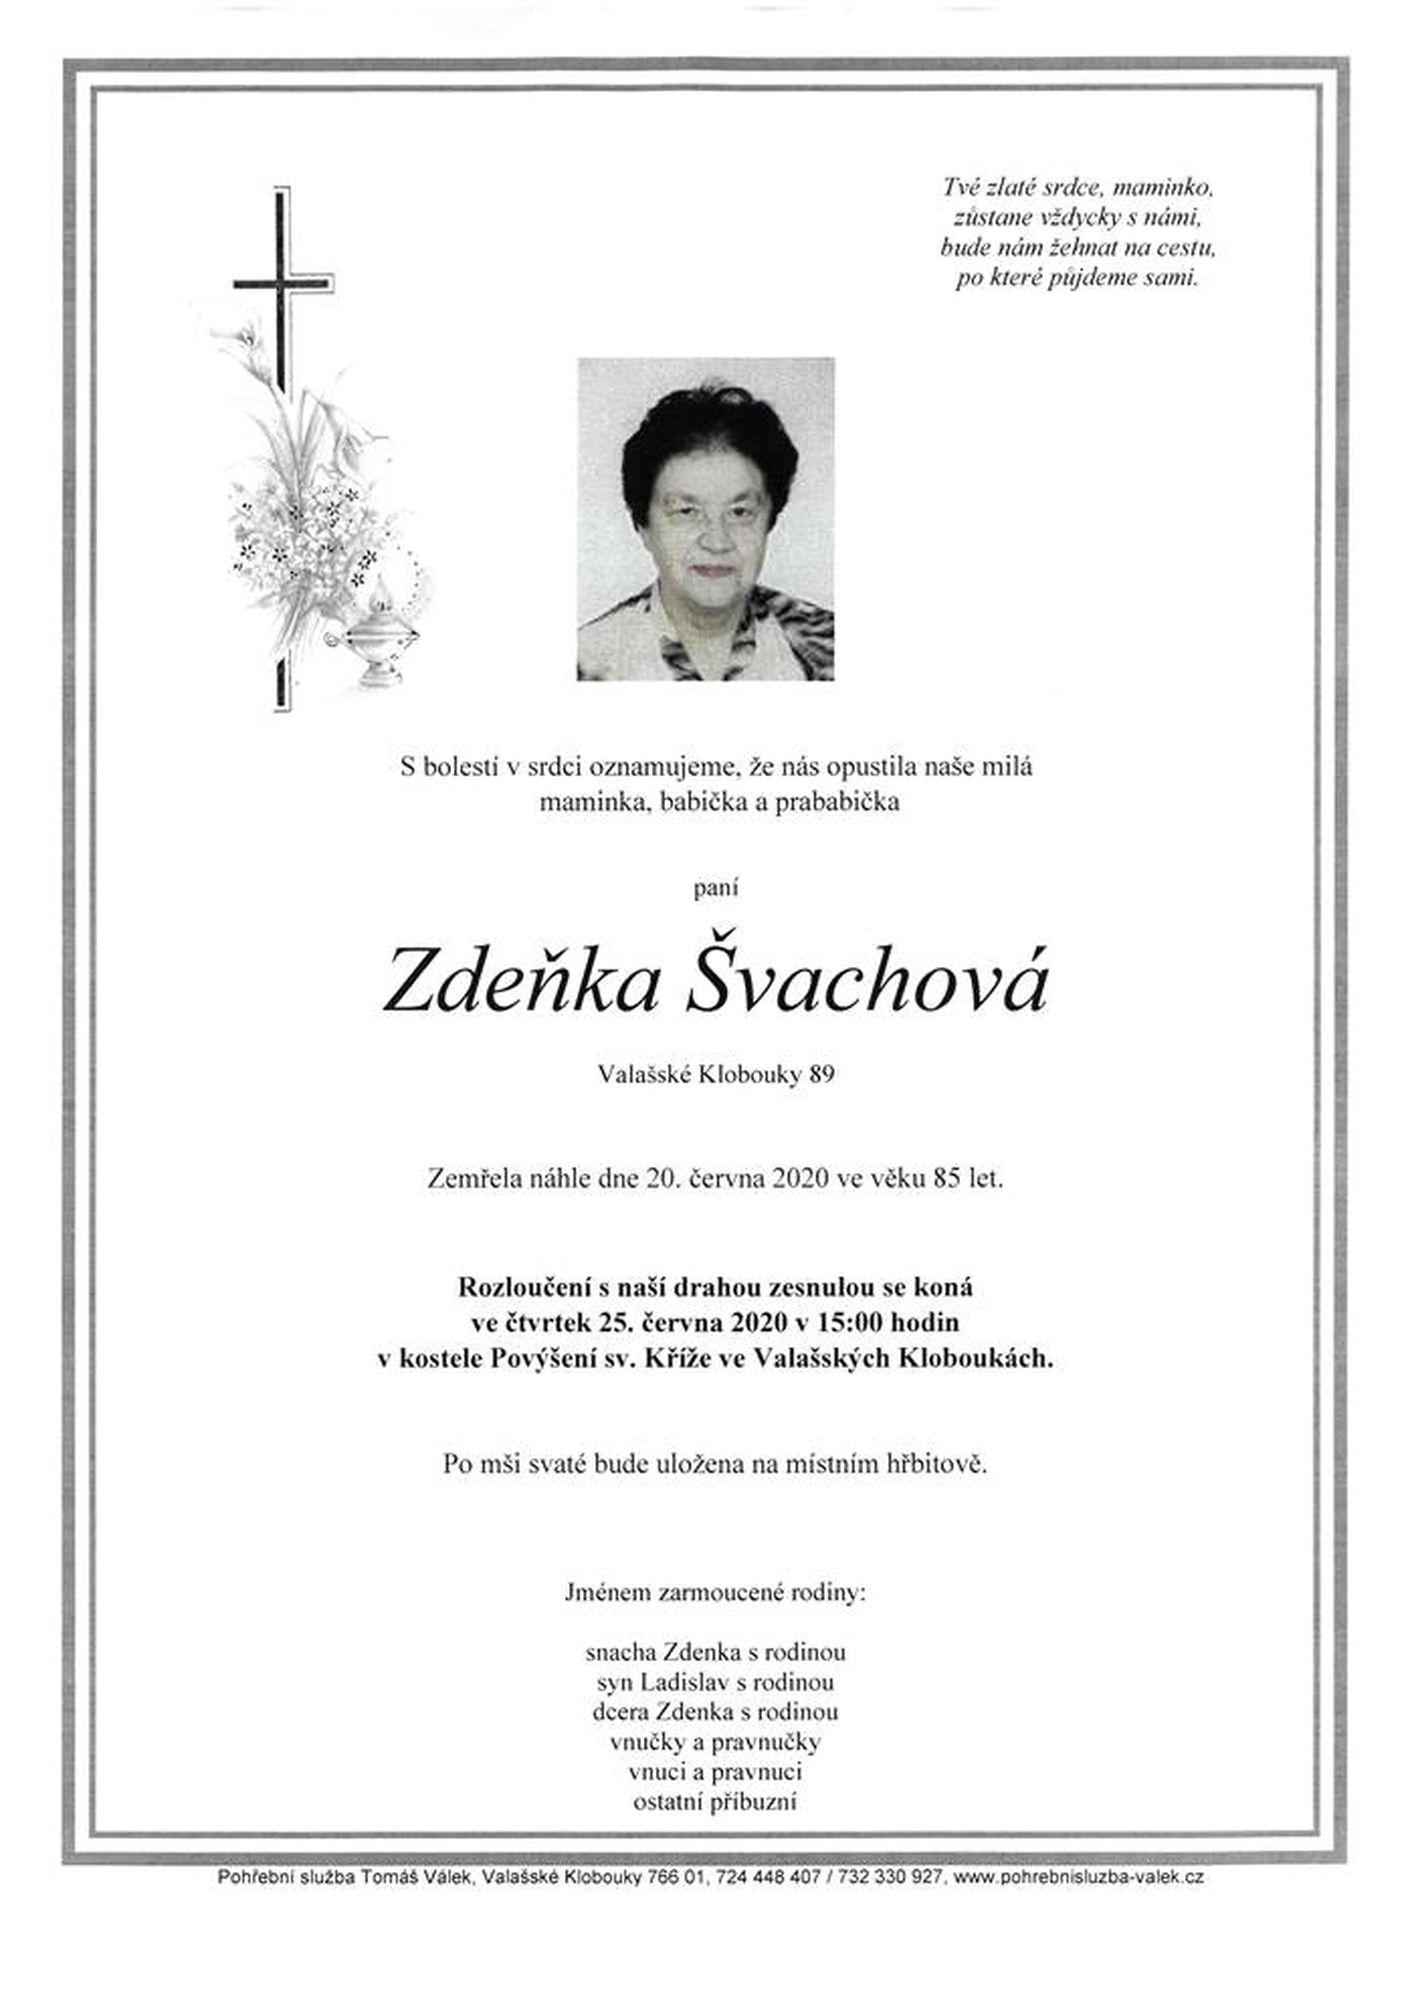 Zdeňka Švachová